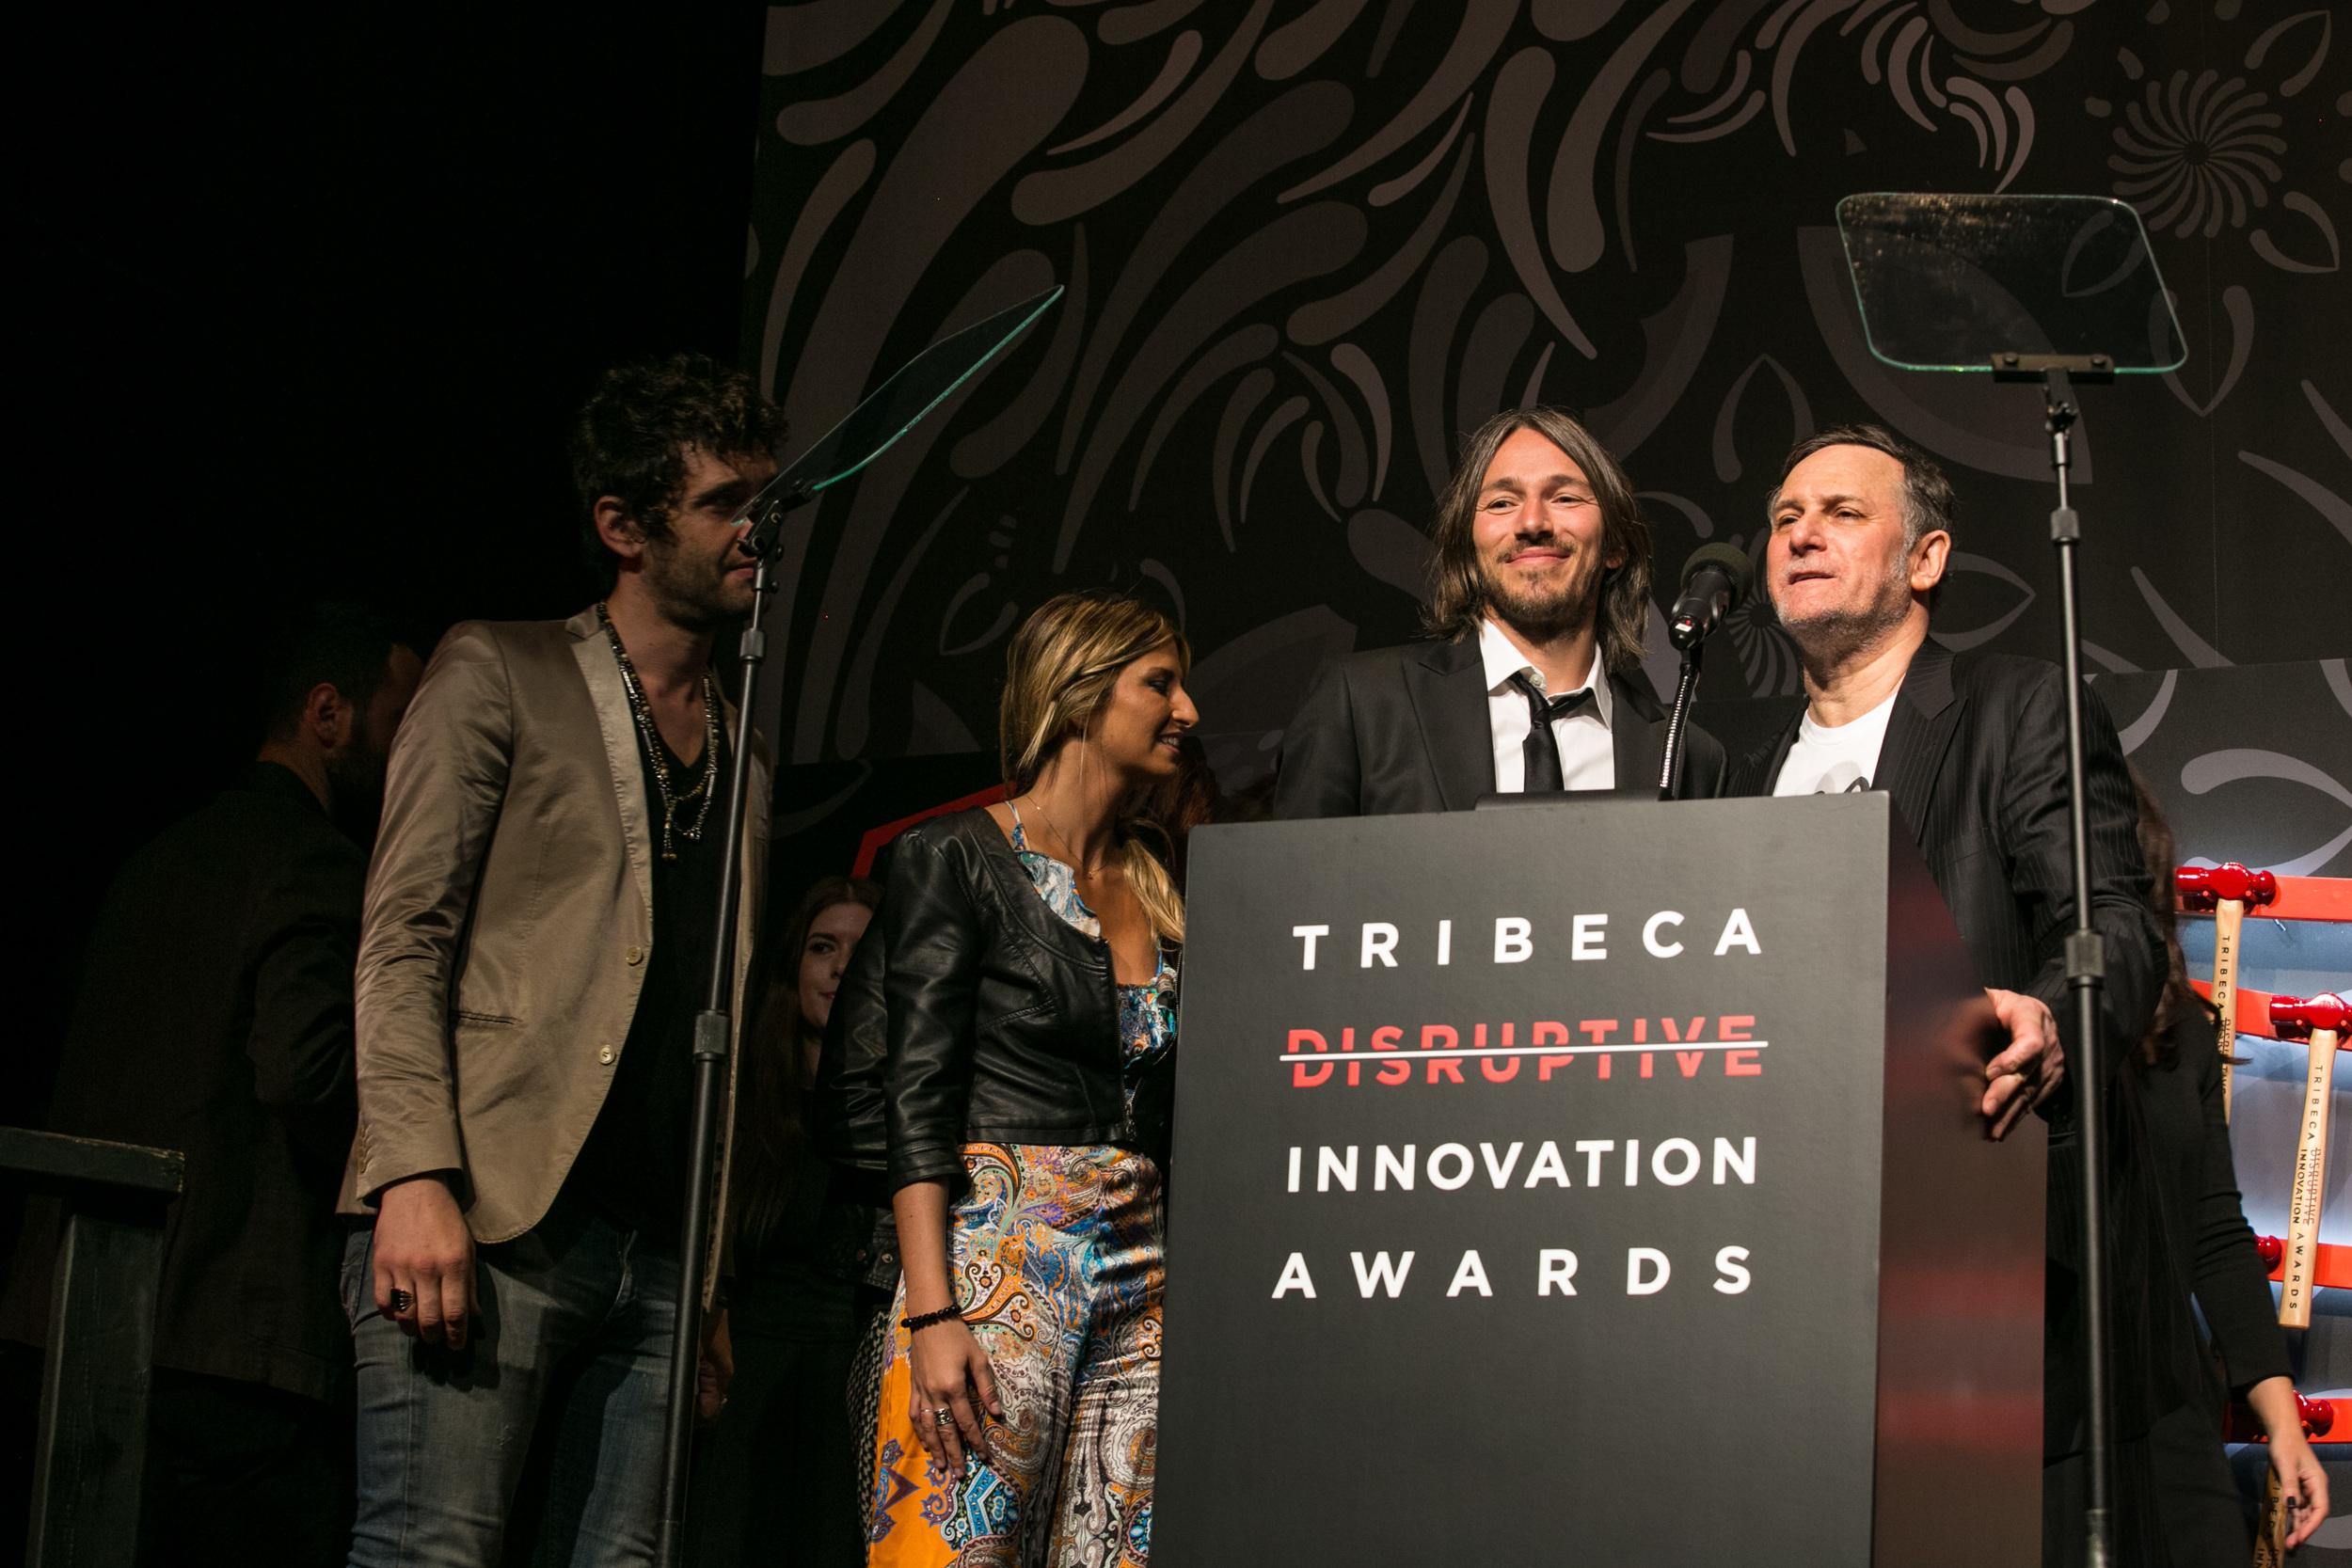 20160422-Tribeca Disruptive Innovation Awards-0161.jpg